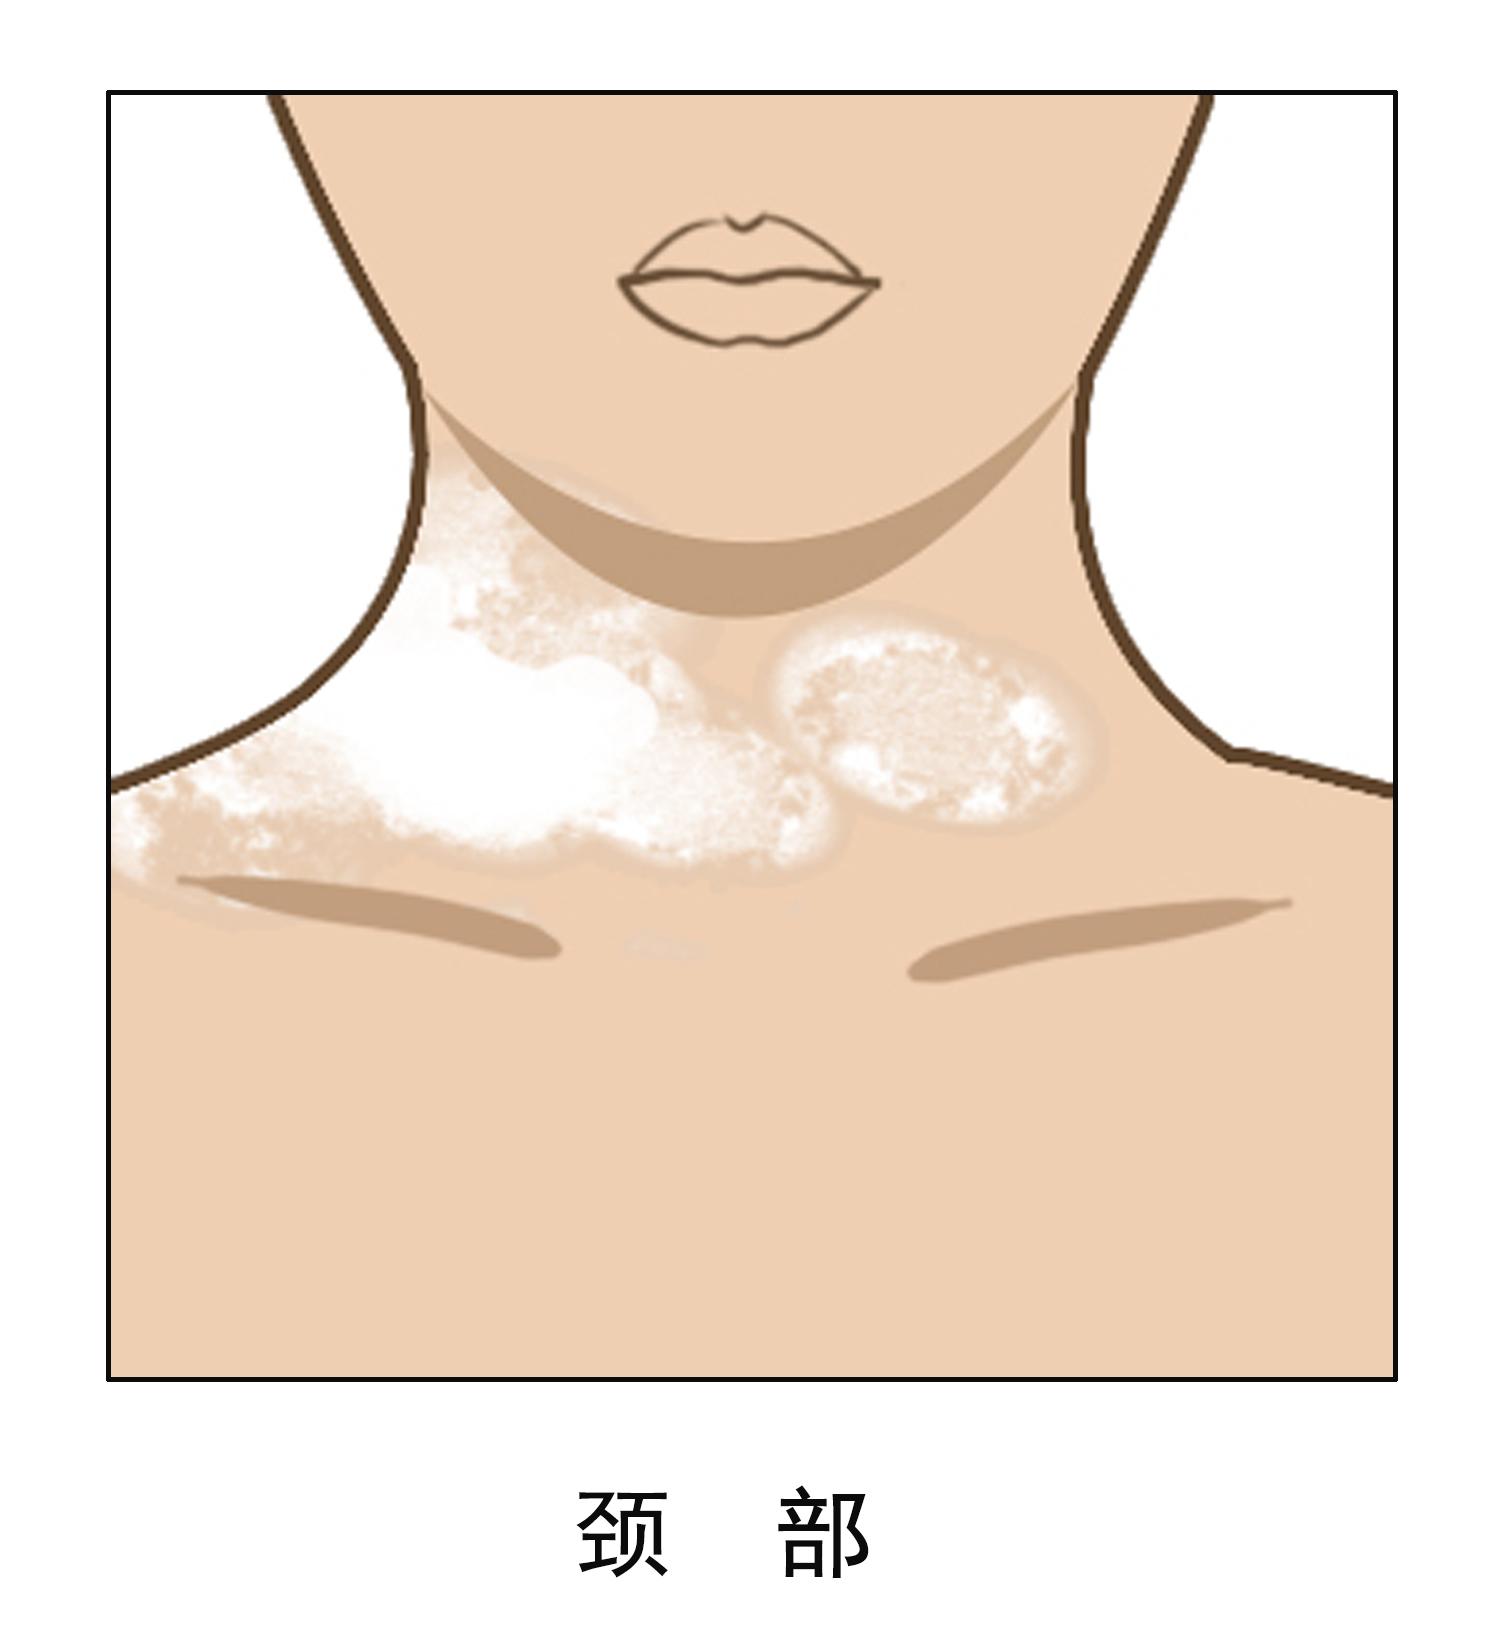 脖子上的白癜风会扩散吗